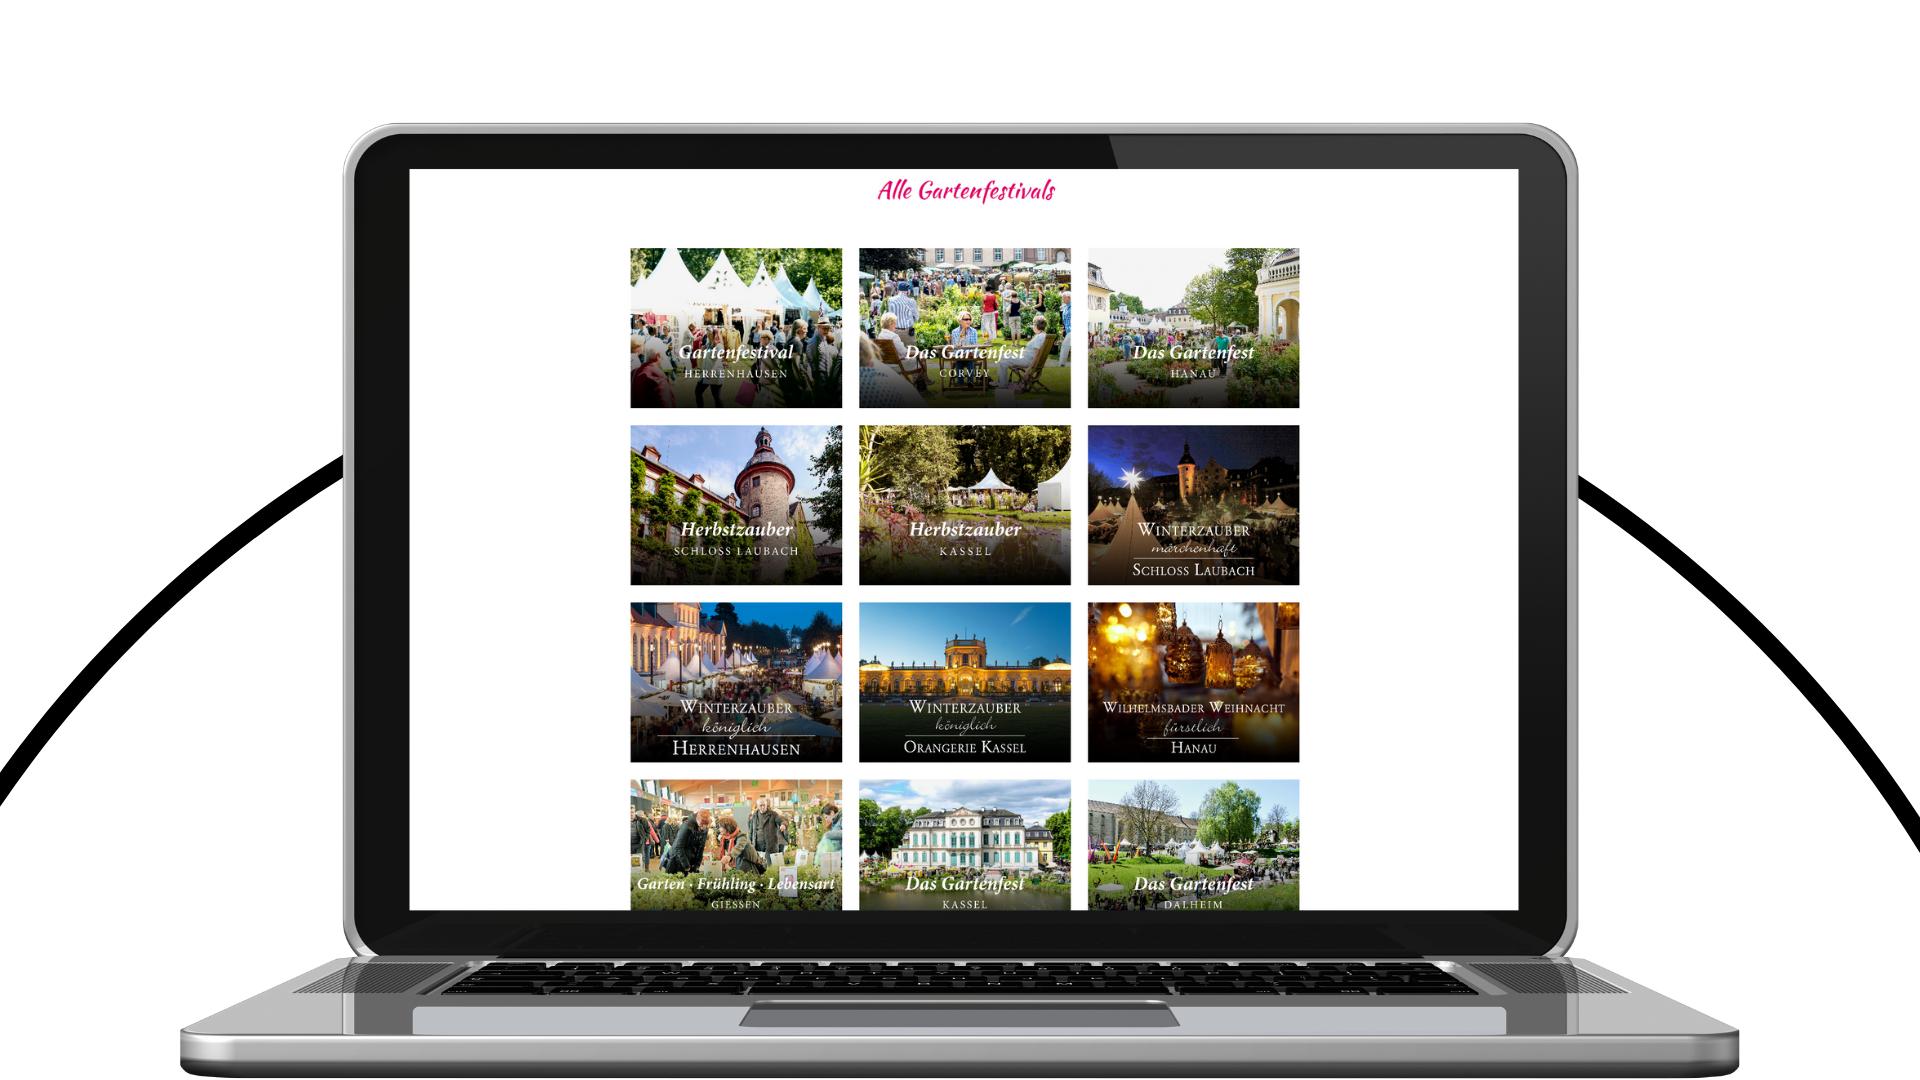 Gartenfestivals Webseite